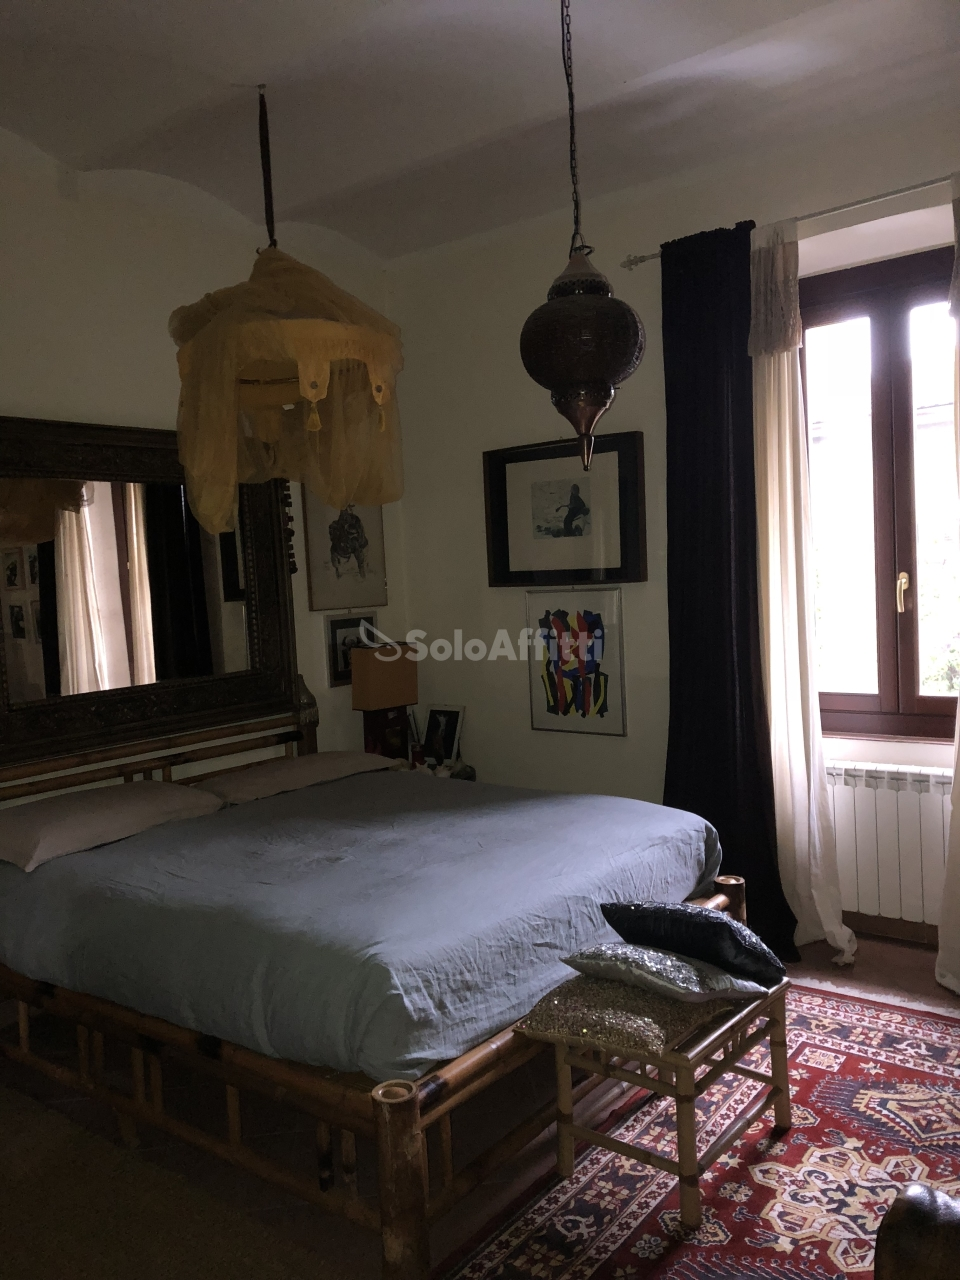 Appartamenti e Attici TERNI affitto  Quartiere Città Giardino  Piacentino Romano D.I.